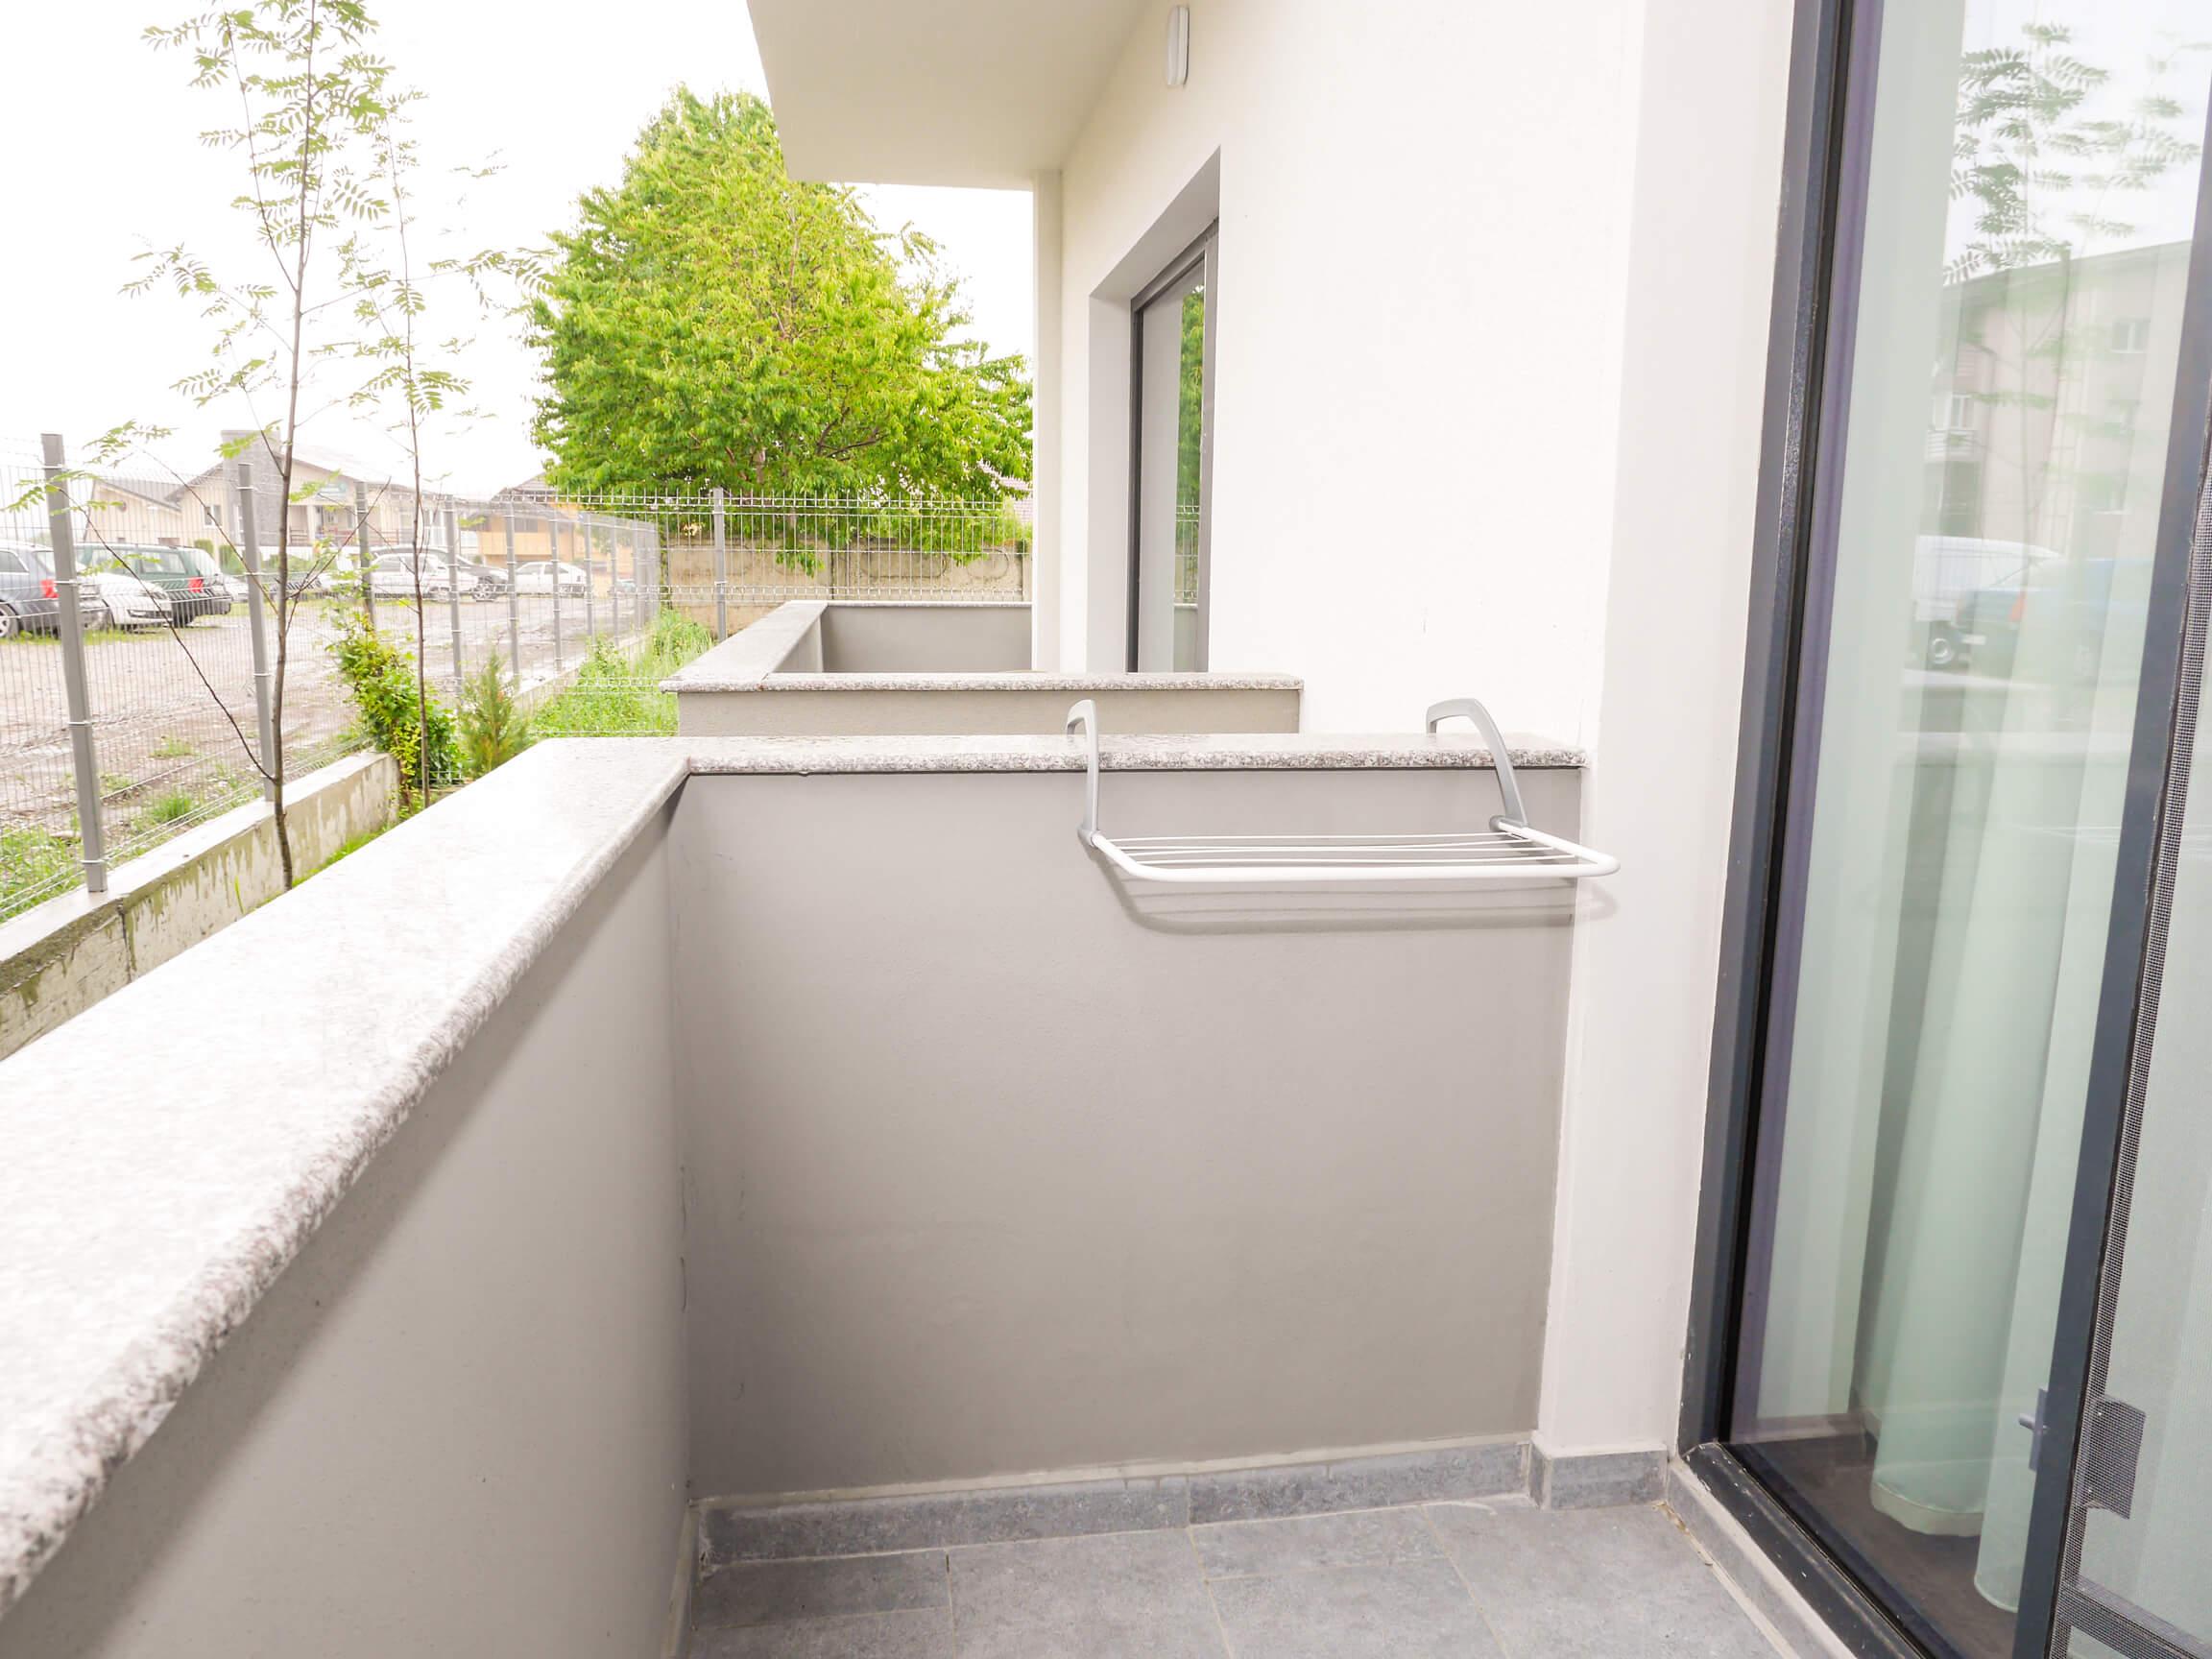 Clement Apartments - apartamente de inchiriat in regim hotelier - cazare neamt - cazare piatra neamt (6) - apartament 3